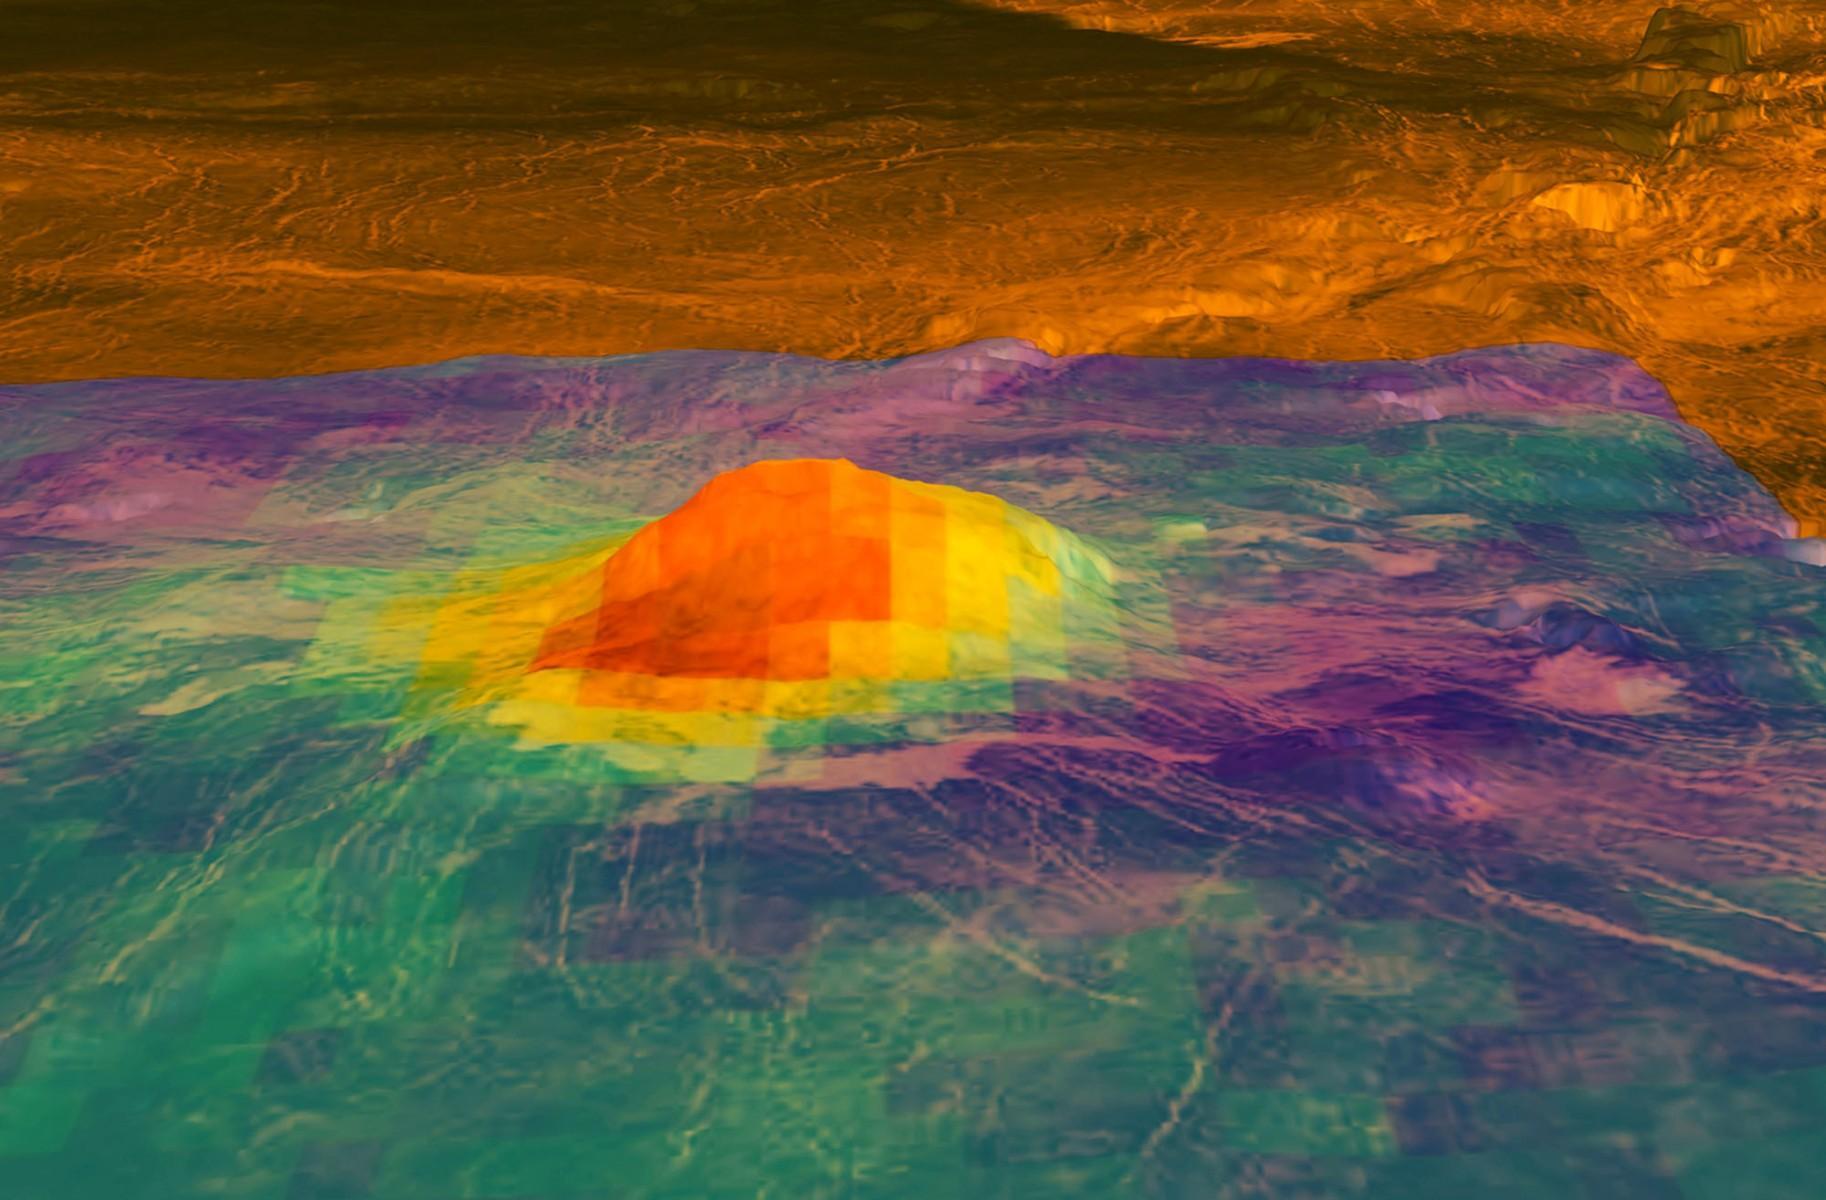 На Венере нашли молодые лавовые потоки